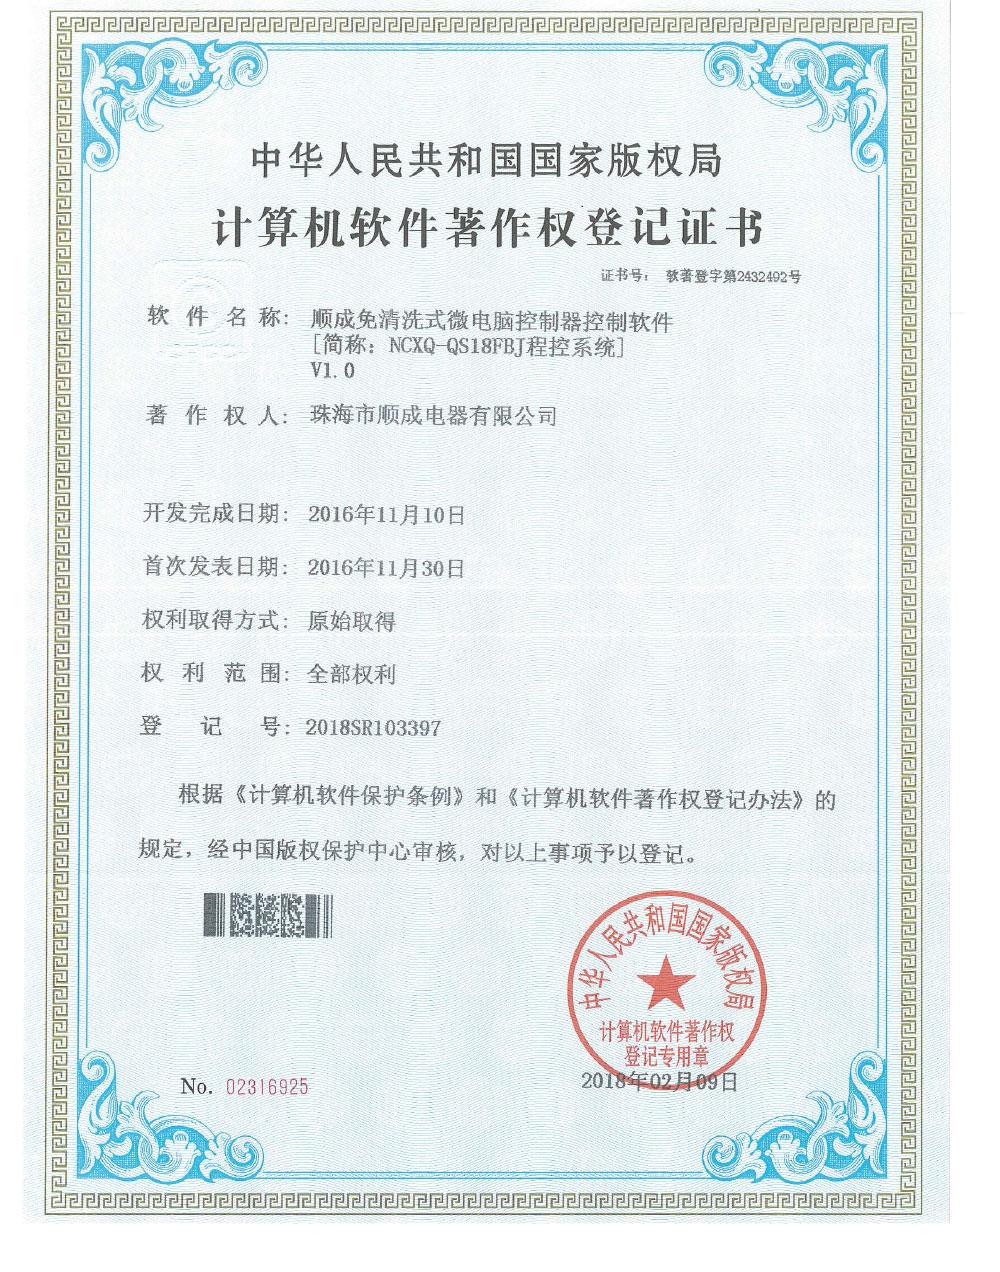 知識產權證書-6